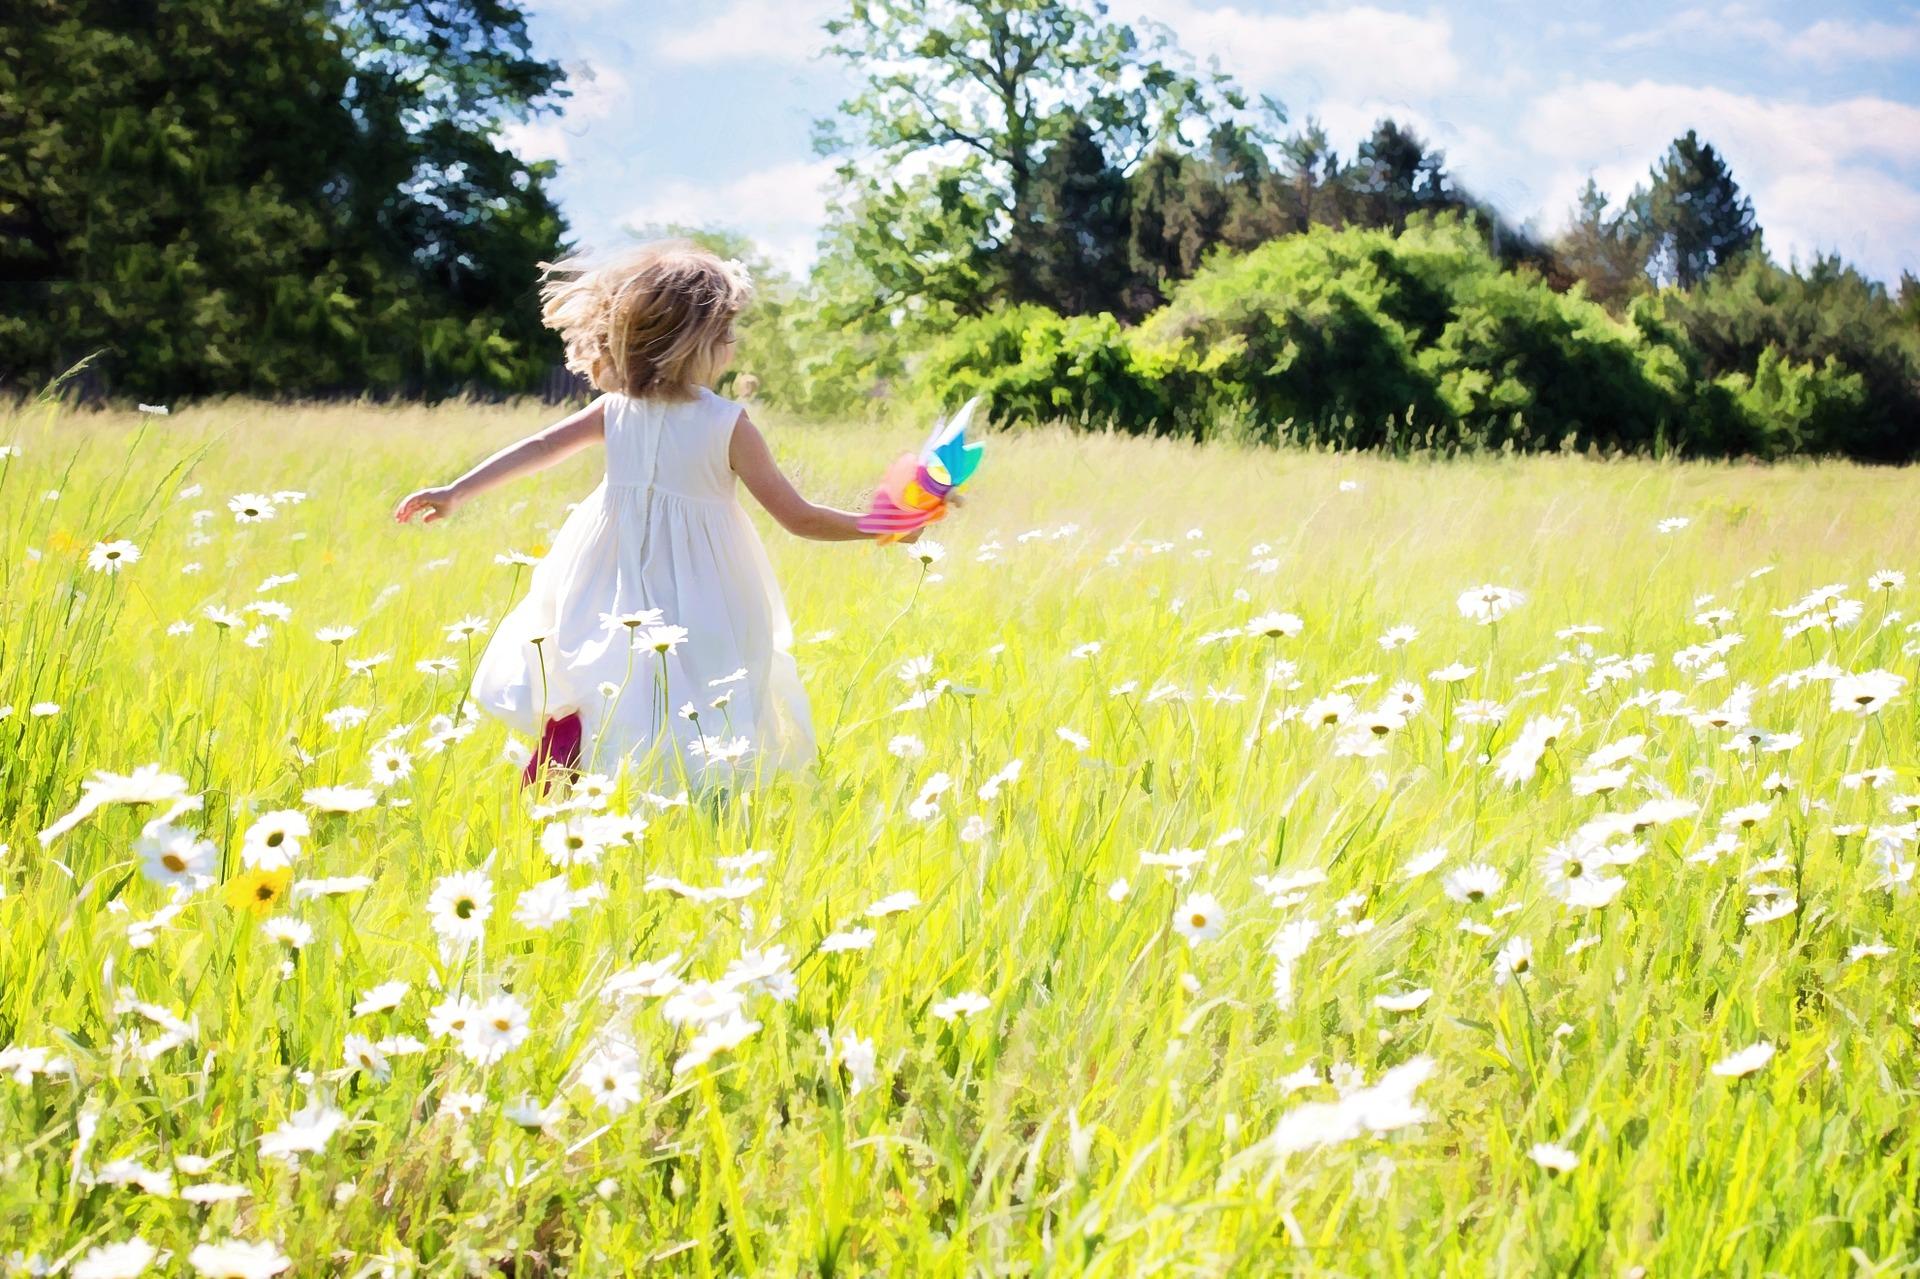 little-girl-running-795505_1920